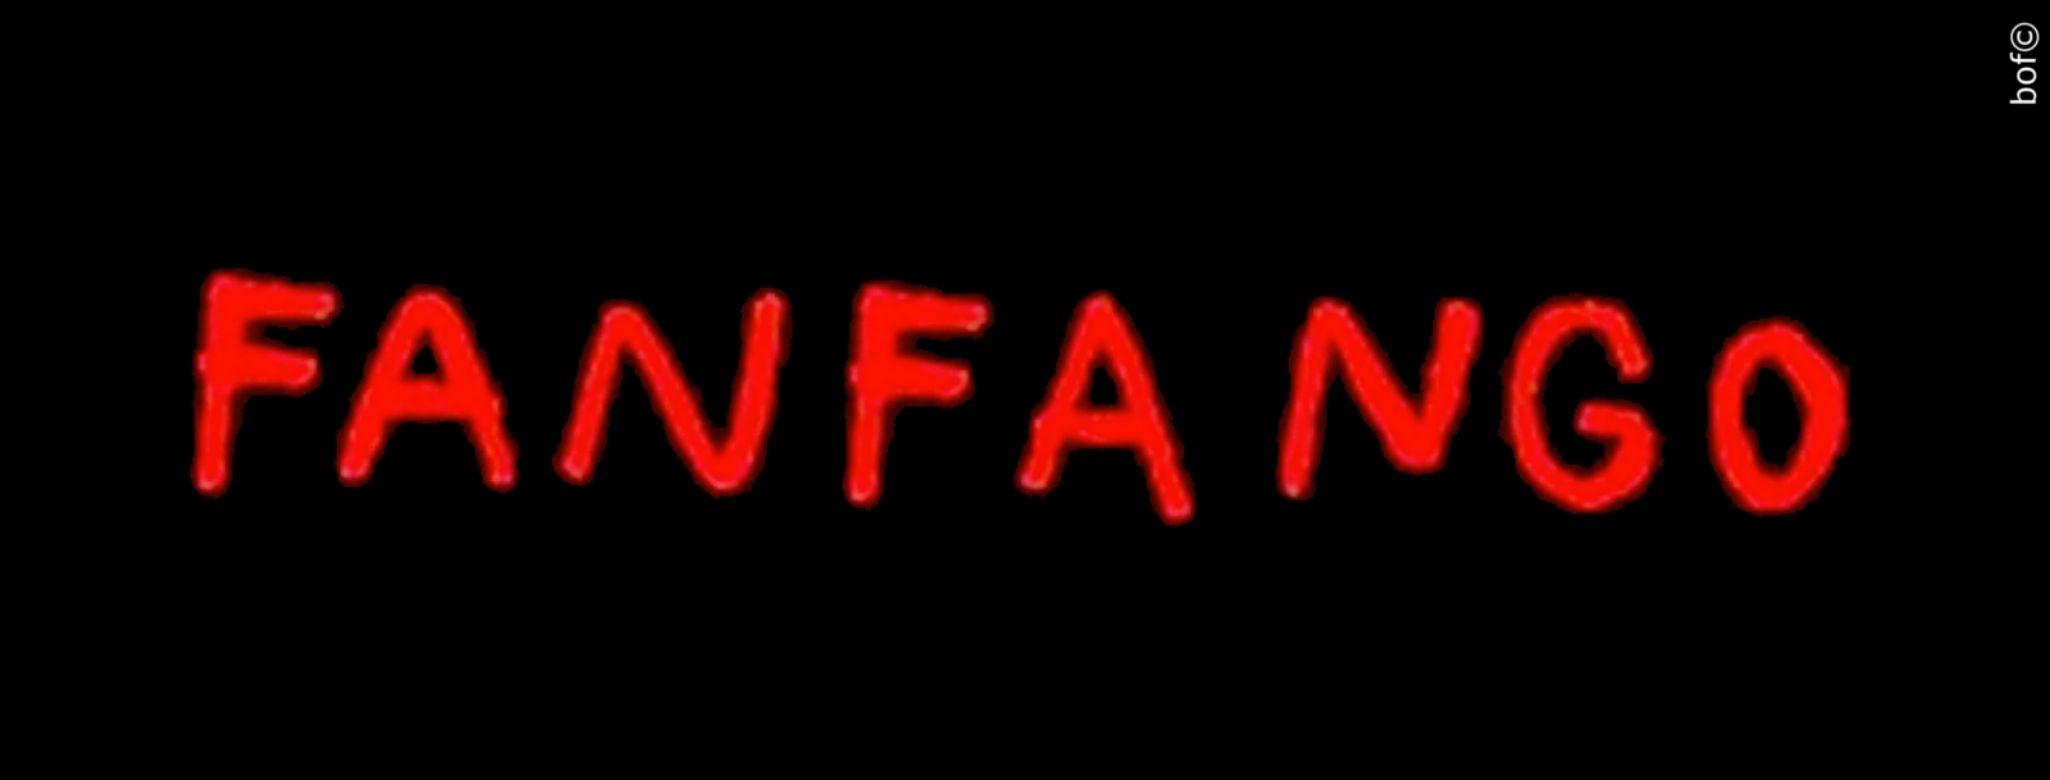 Fanfango